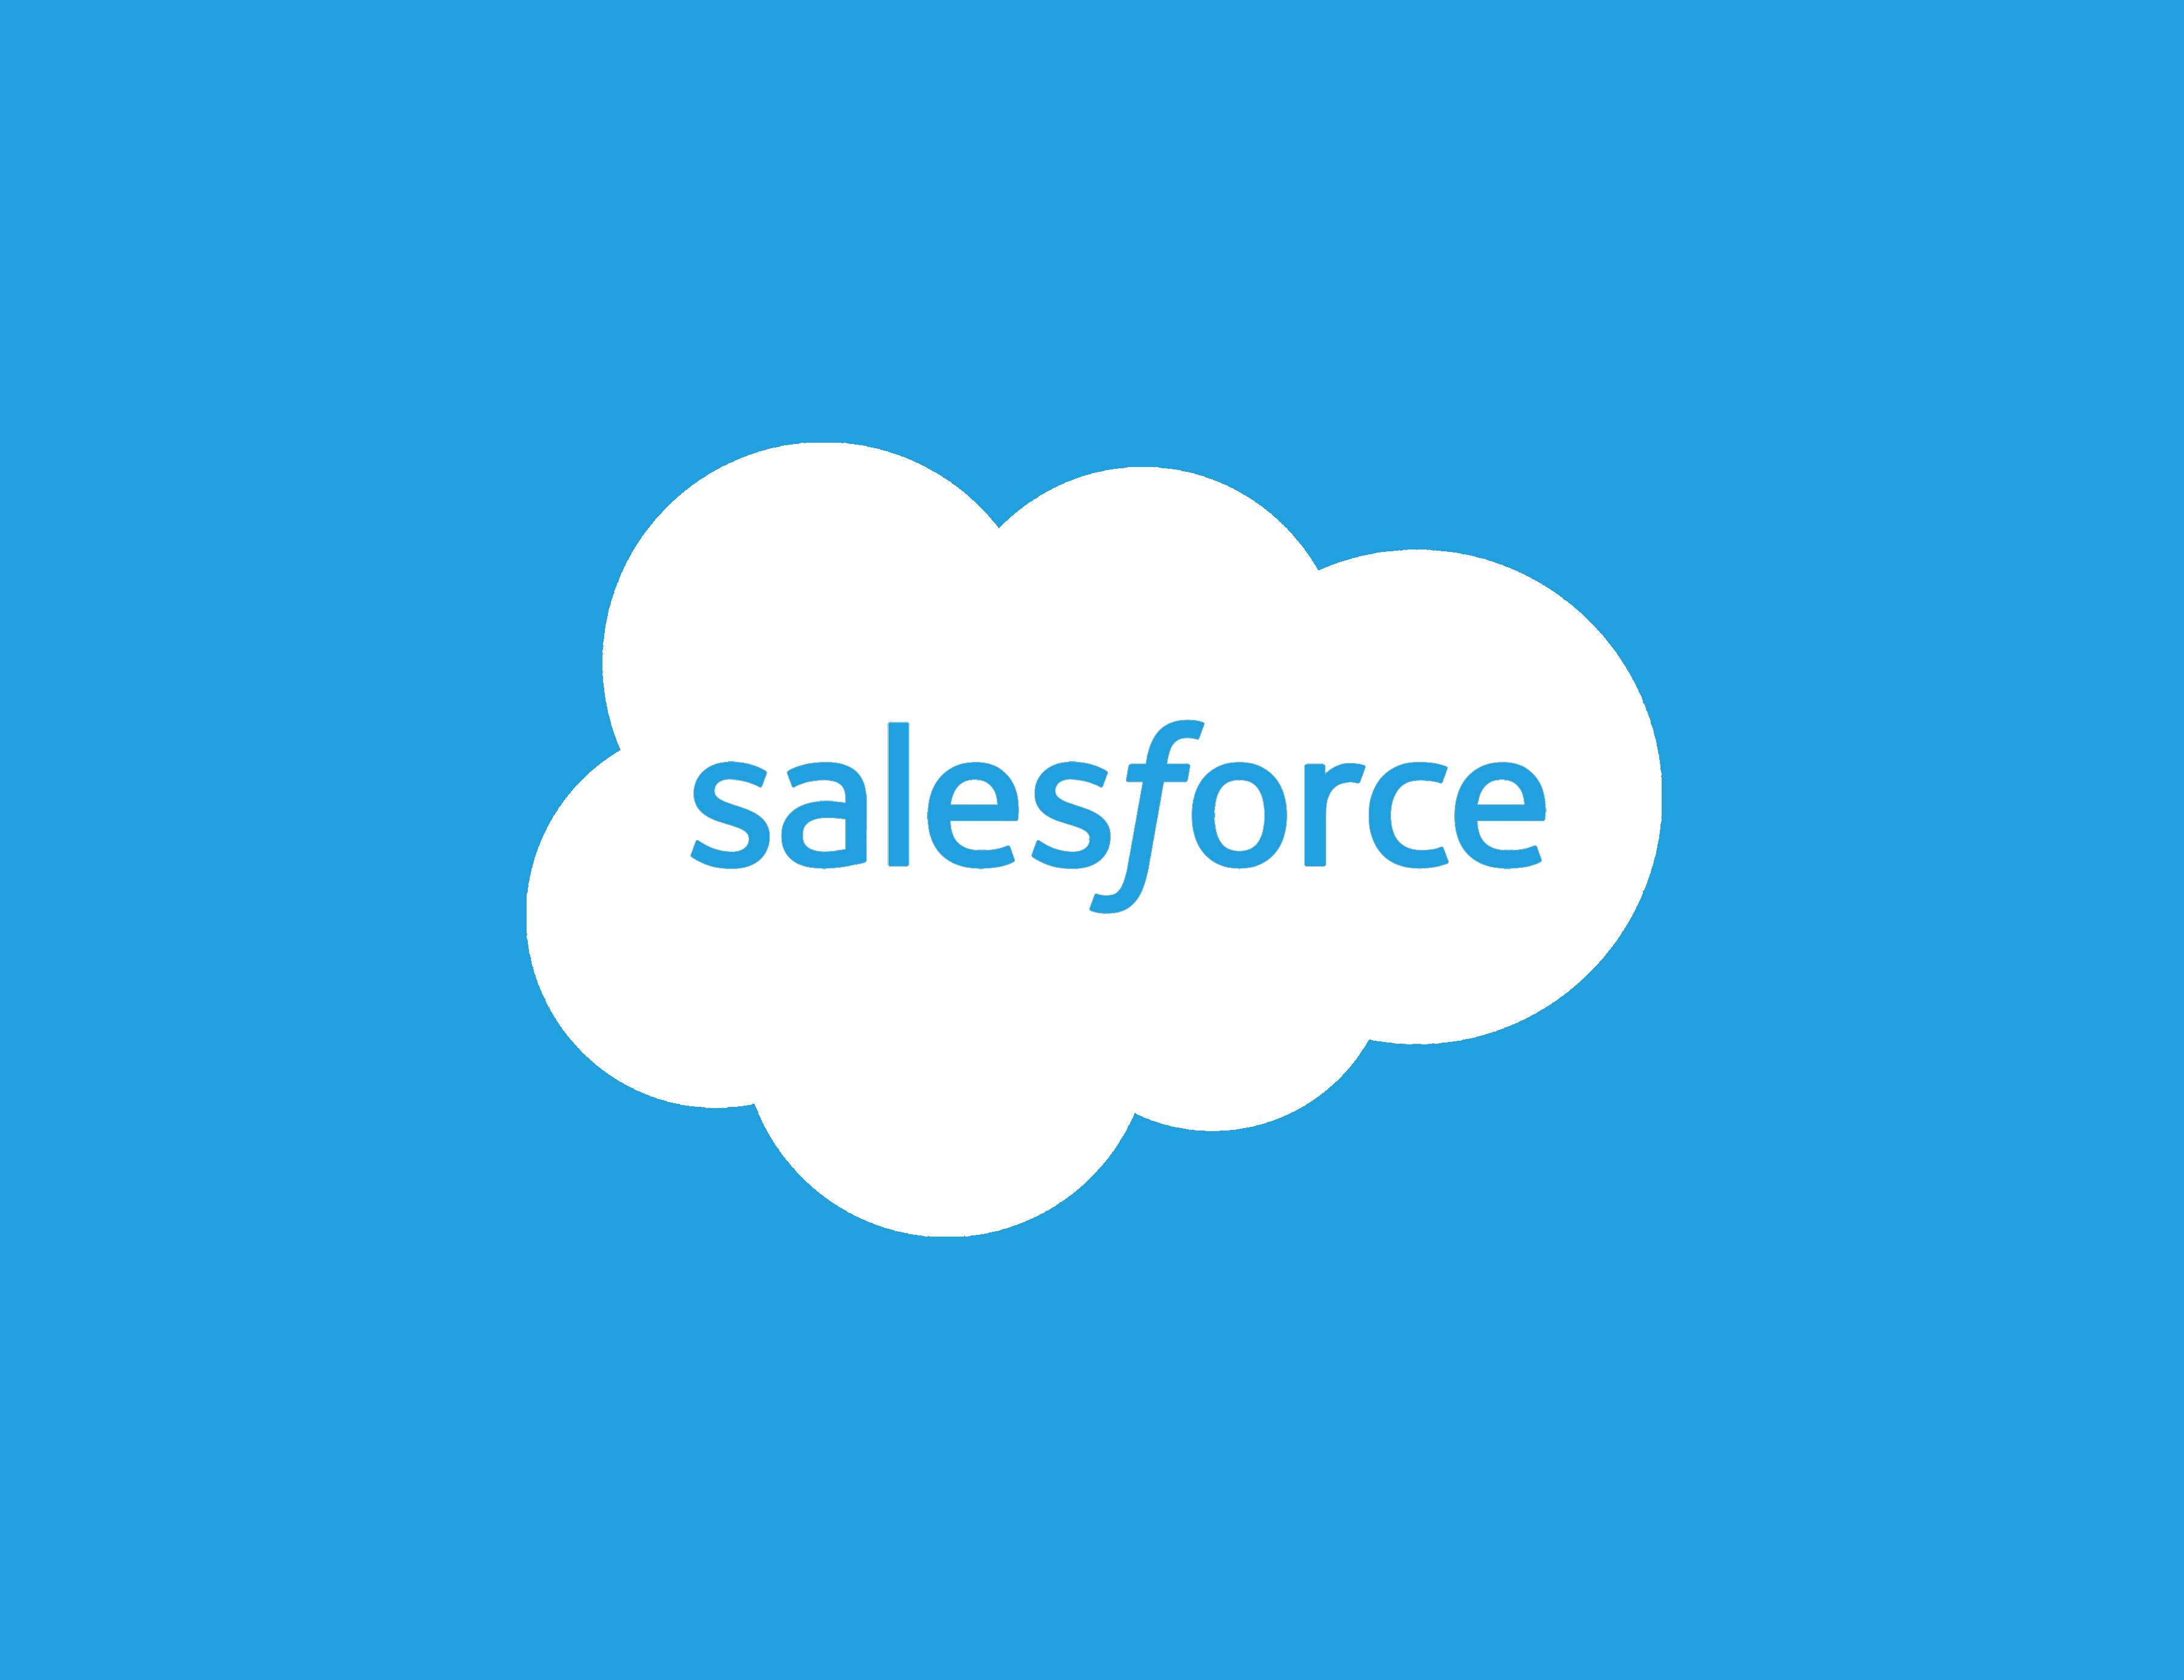 Salesforce: Salesforce Logo